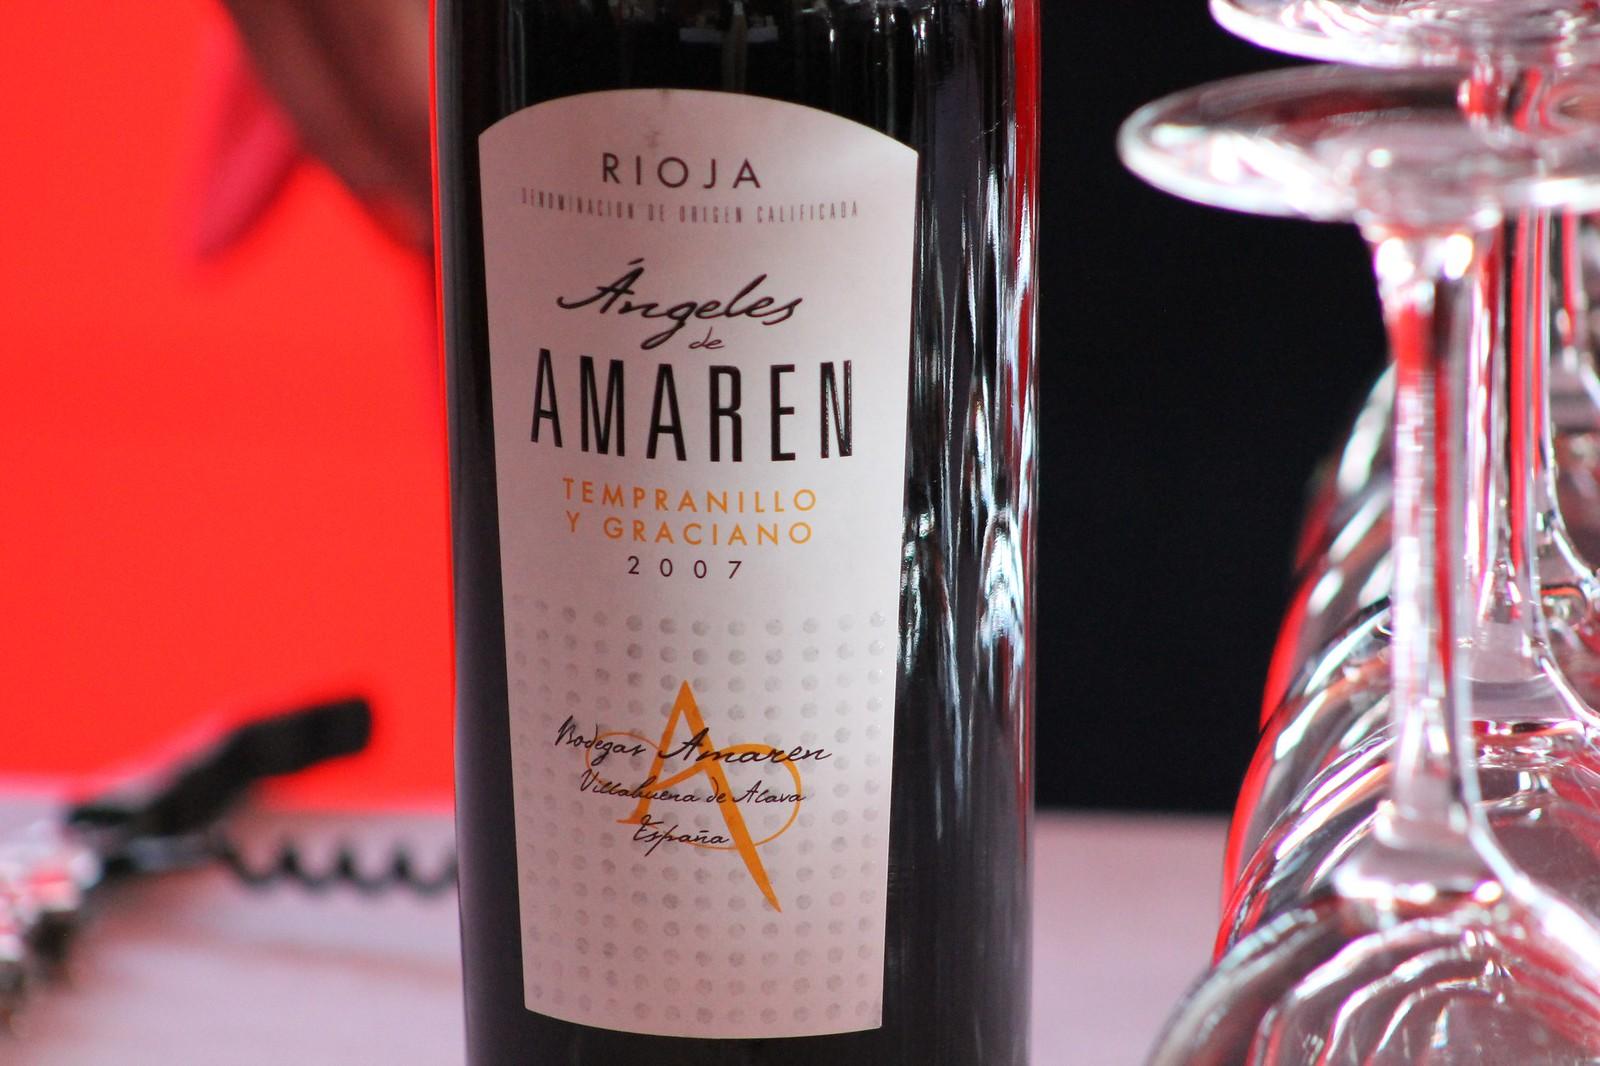 Amaren vino tinto